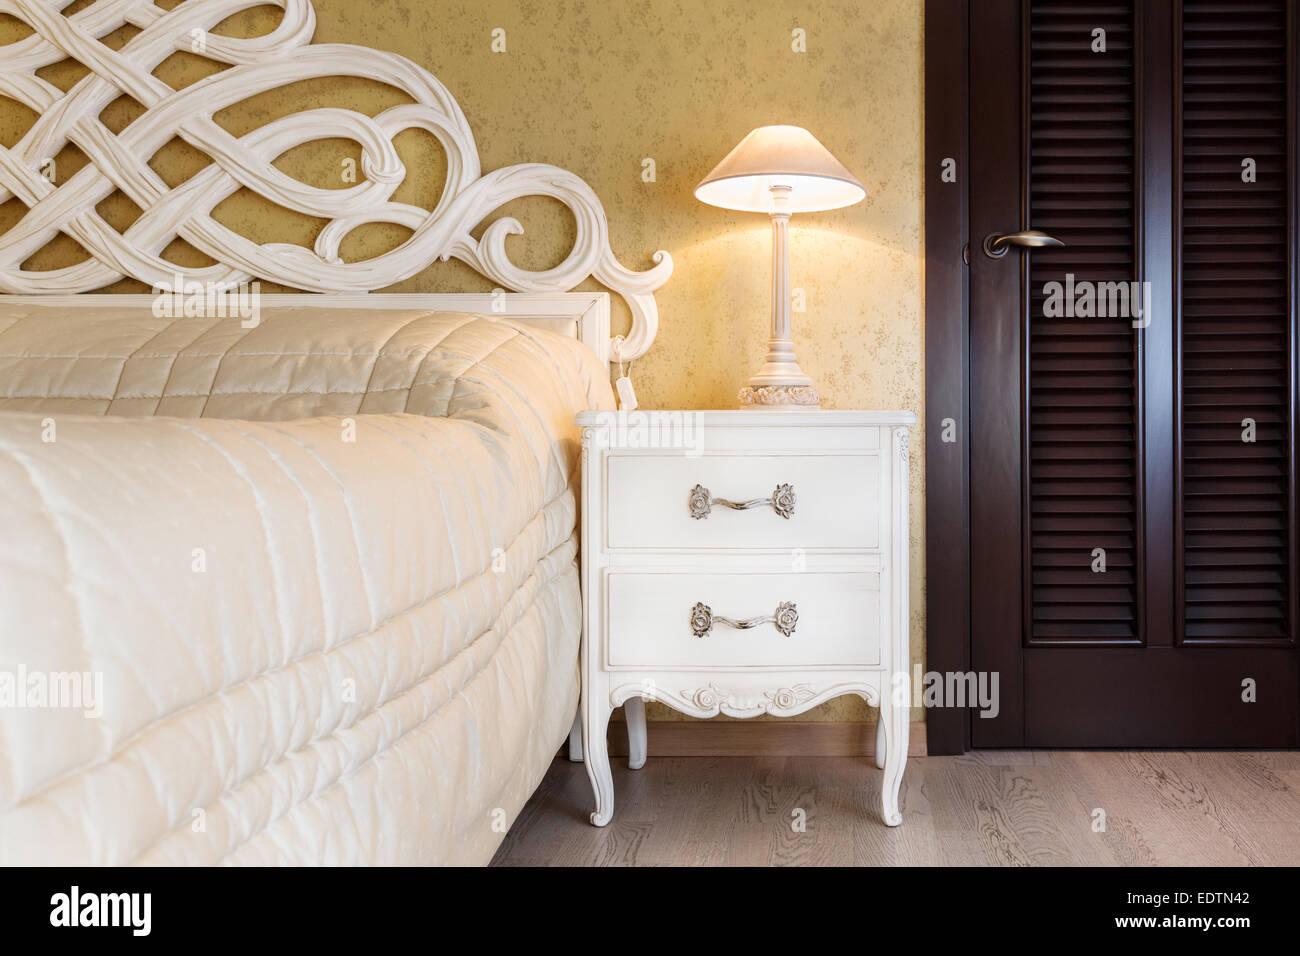 Letti Stile Vintage : Bianco in stile vintage comodino con una lampada in una camera da